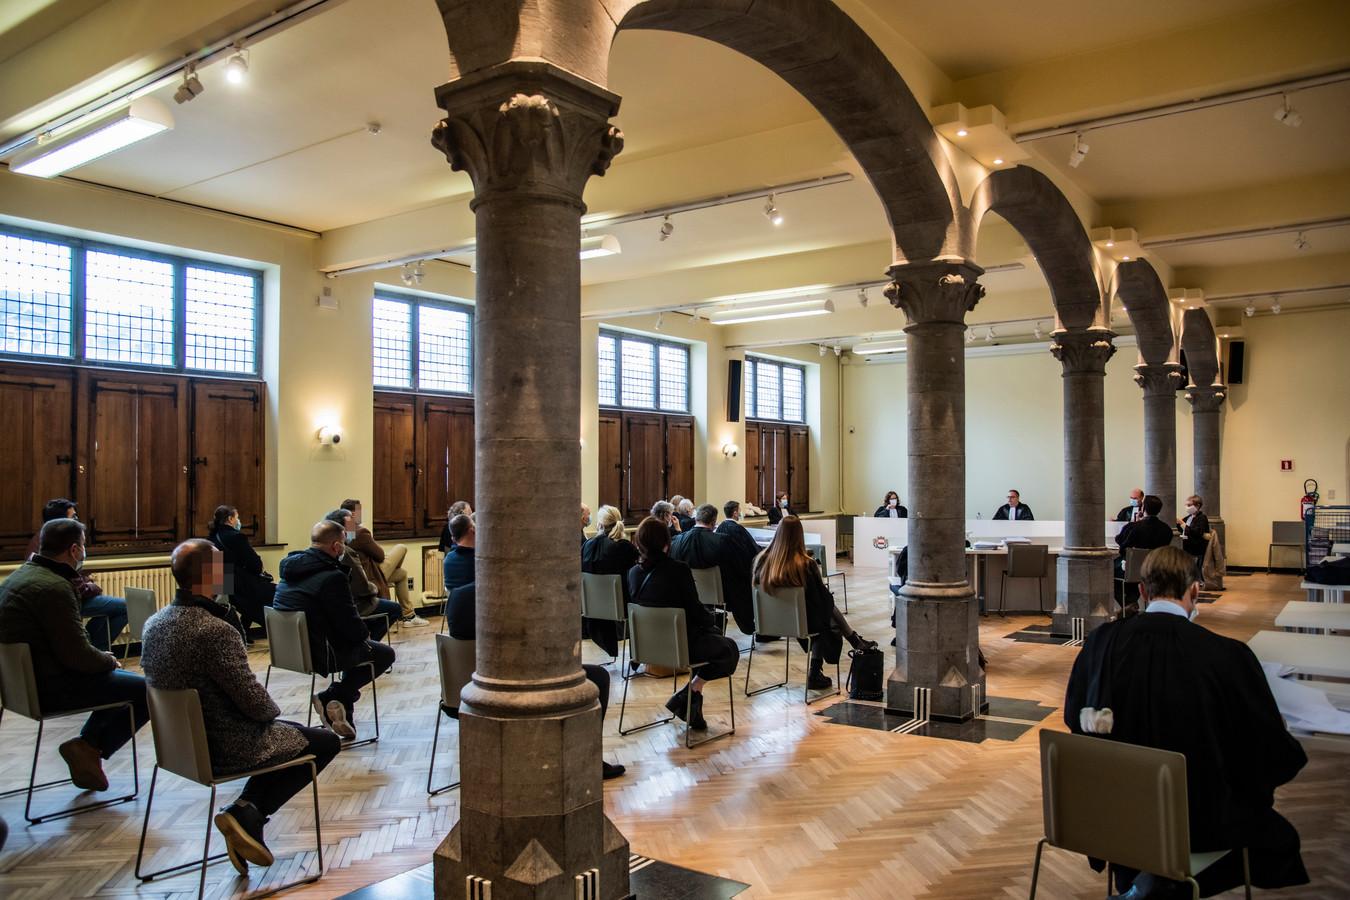 Voor het proces werd uitgeweken naar een zaal in het Dendermondse stadhuis. Daar blijft het nu stil tot de hervatting van de zaak midden november.